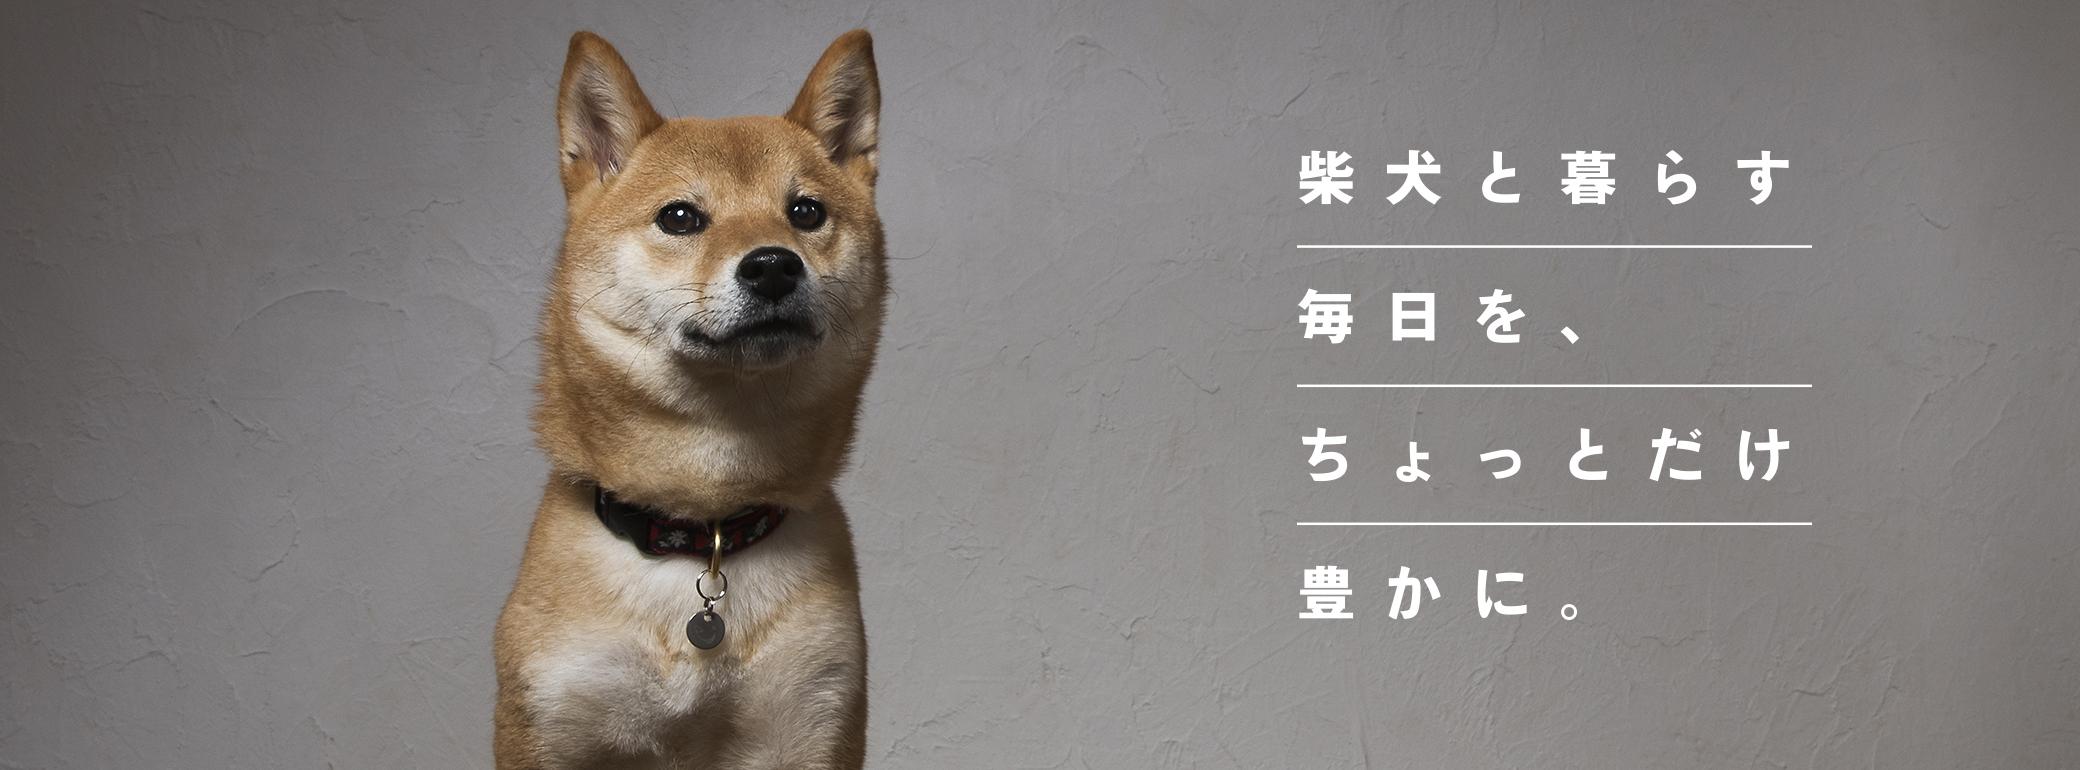 柴犬と暮らす毎日を、ちょっとだけ豊かに。